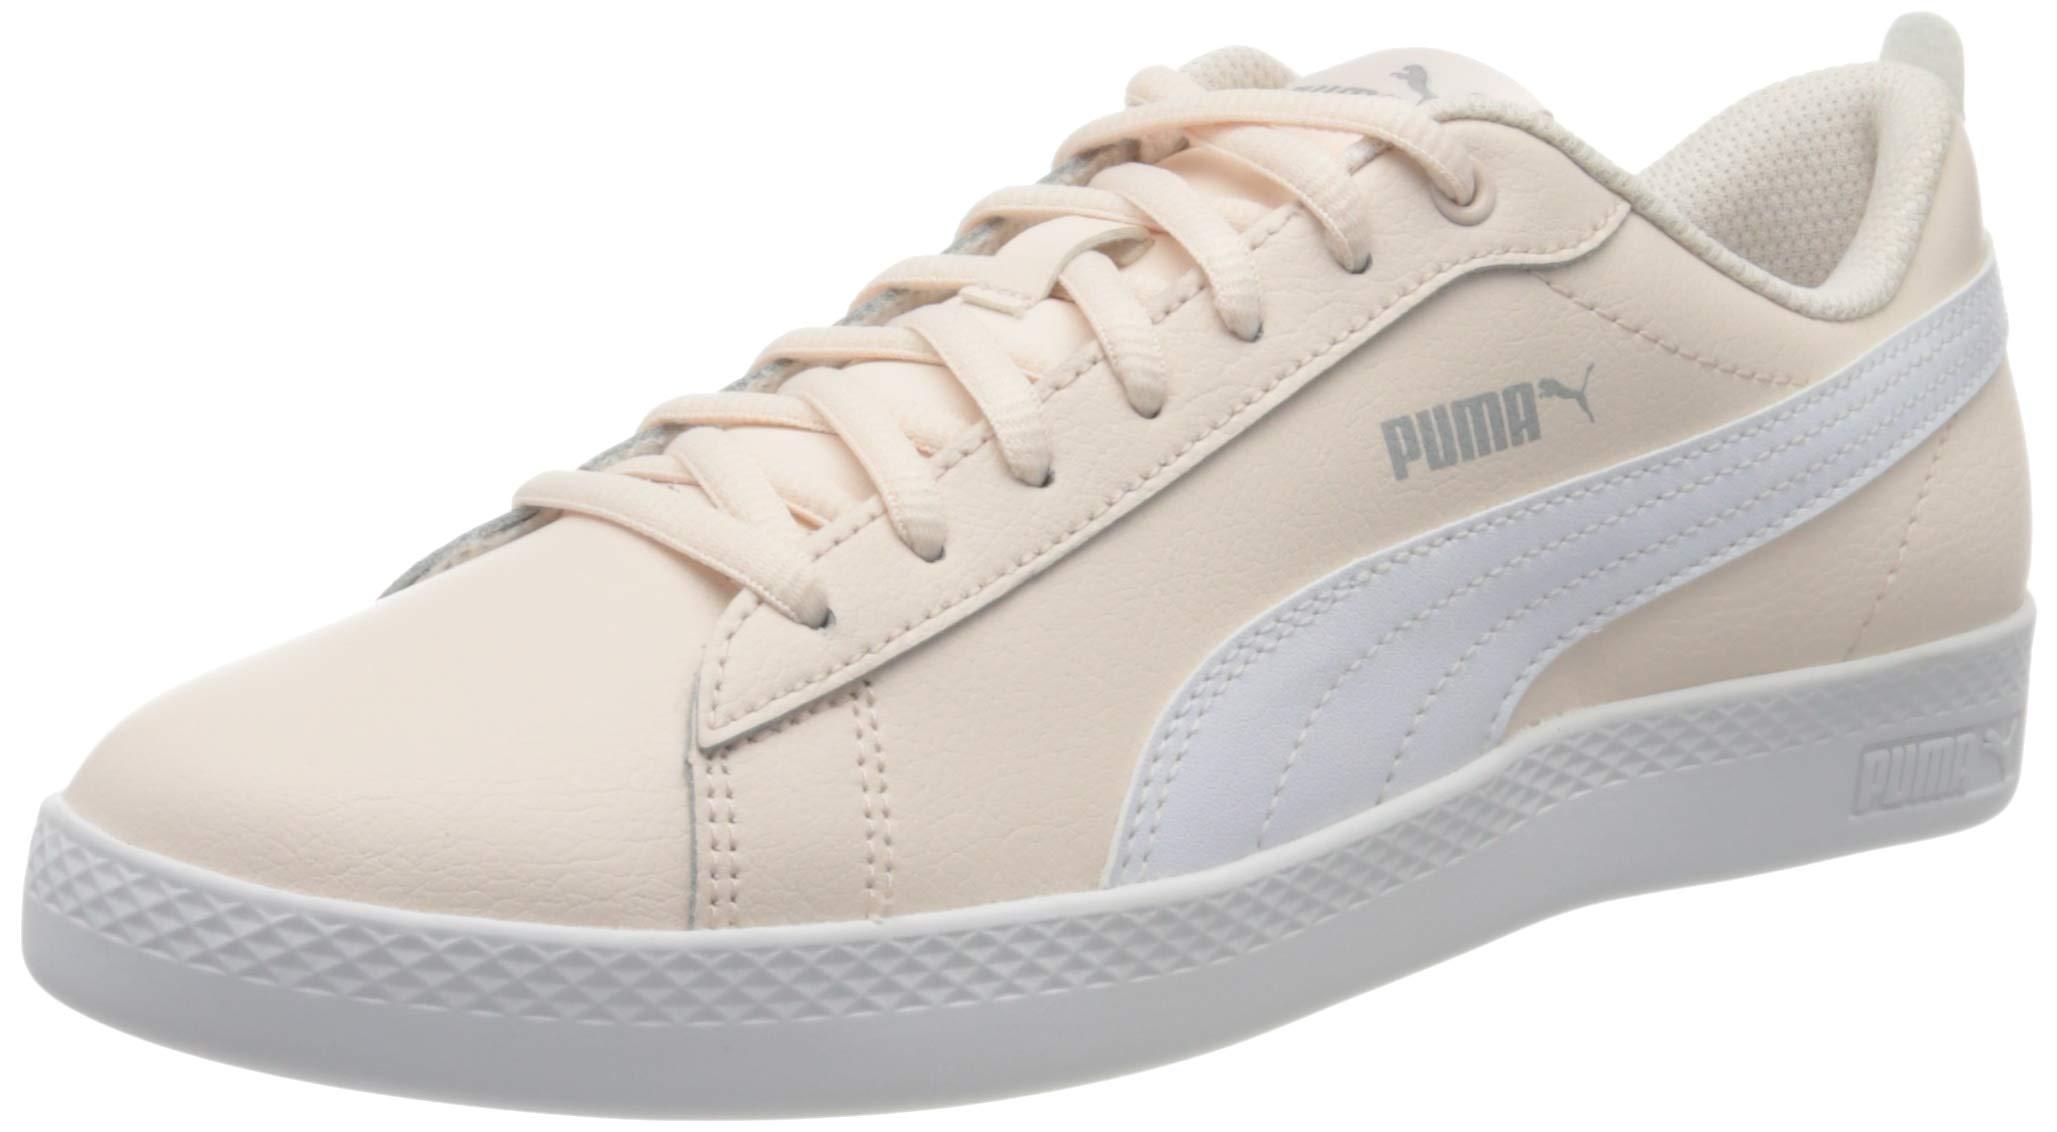 PUMAプーマ女性のバレリーナは、ホームラインストーン、ペダルの靴スポンジ*快適なスリッパニット女性カシミヤスマッシュWNS V2 Lのトレーニングシューズ